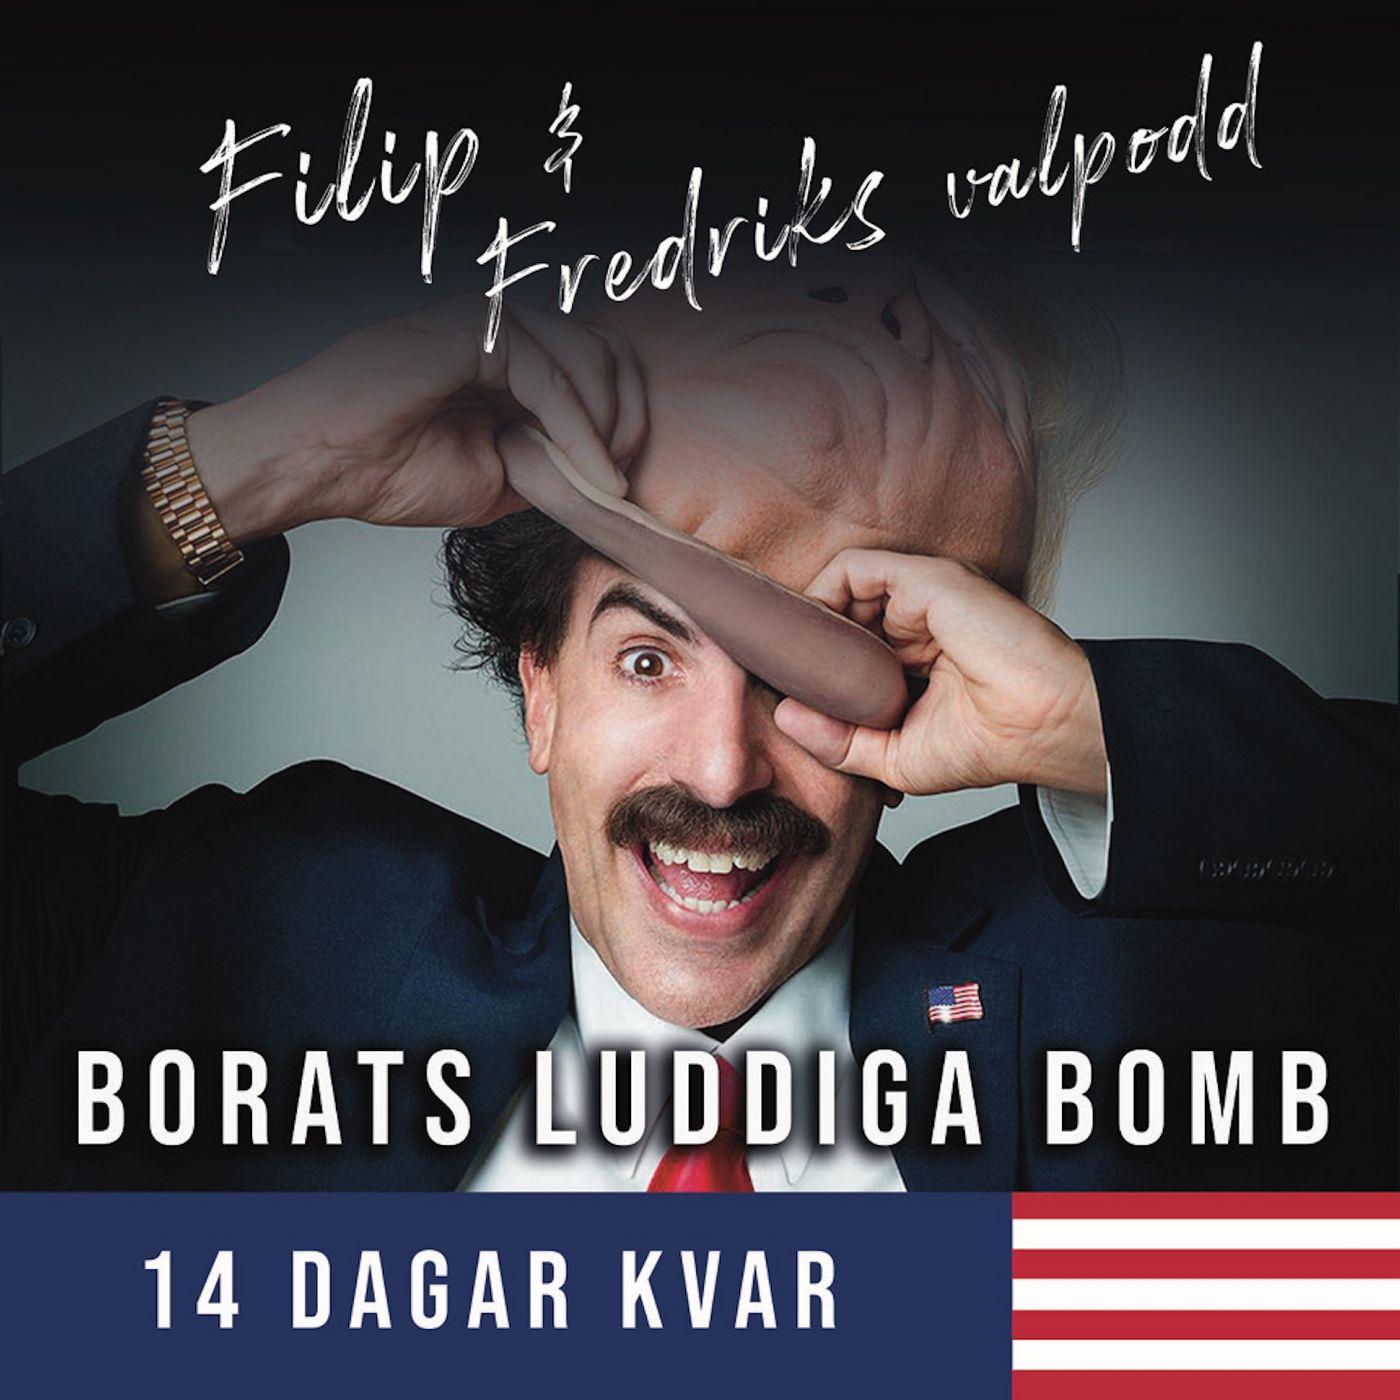 14 dagar kvar: Borats luddiga bomb